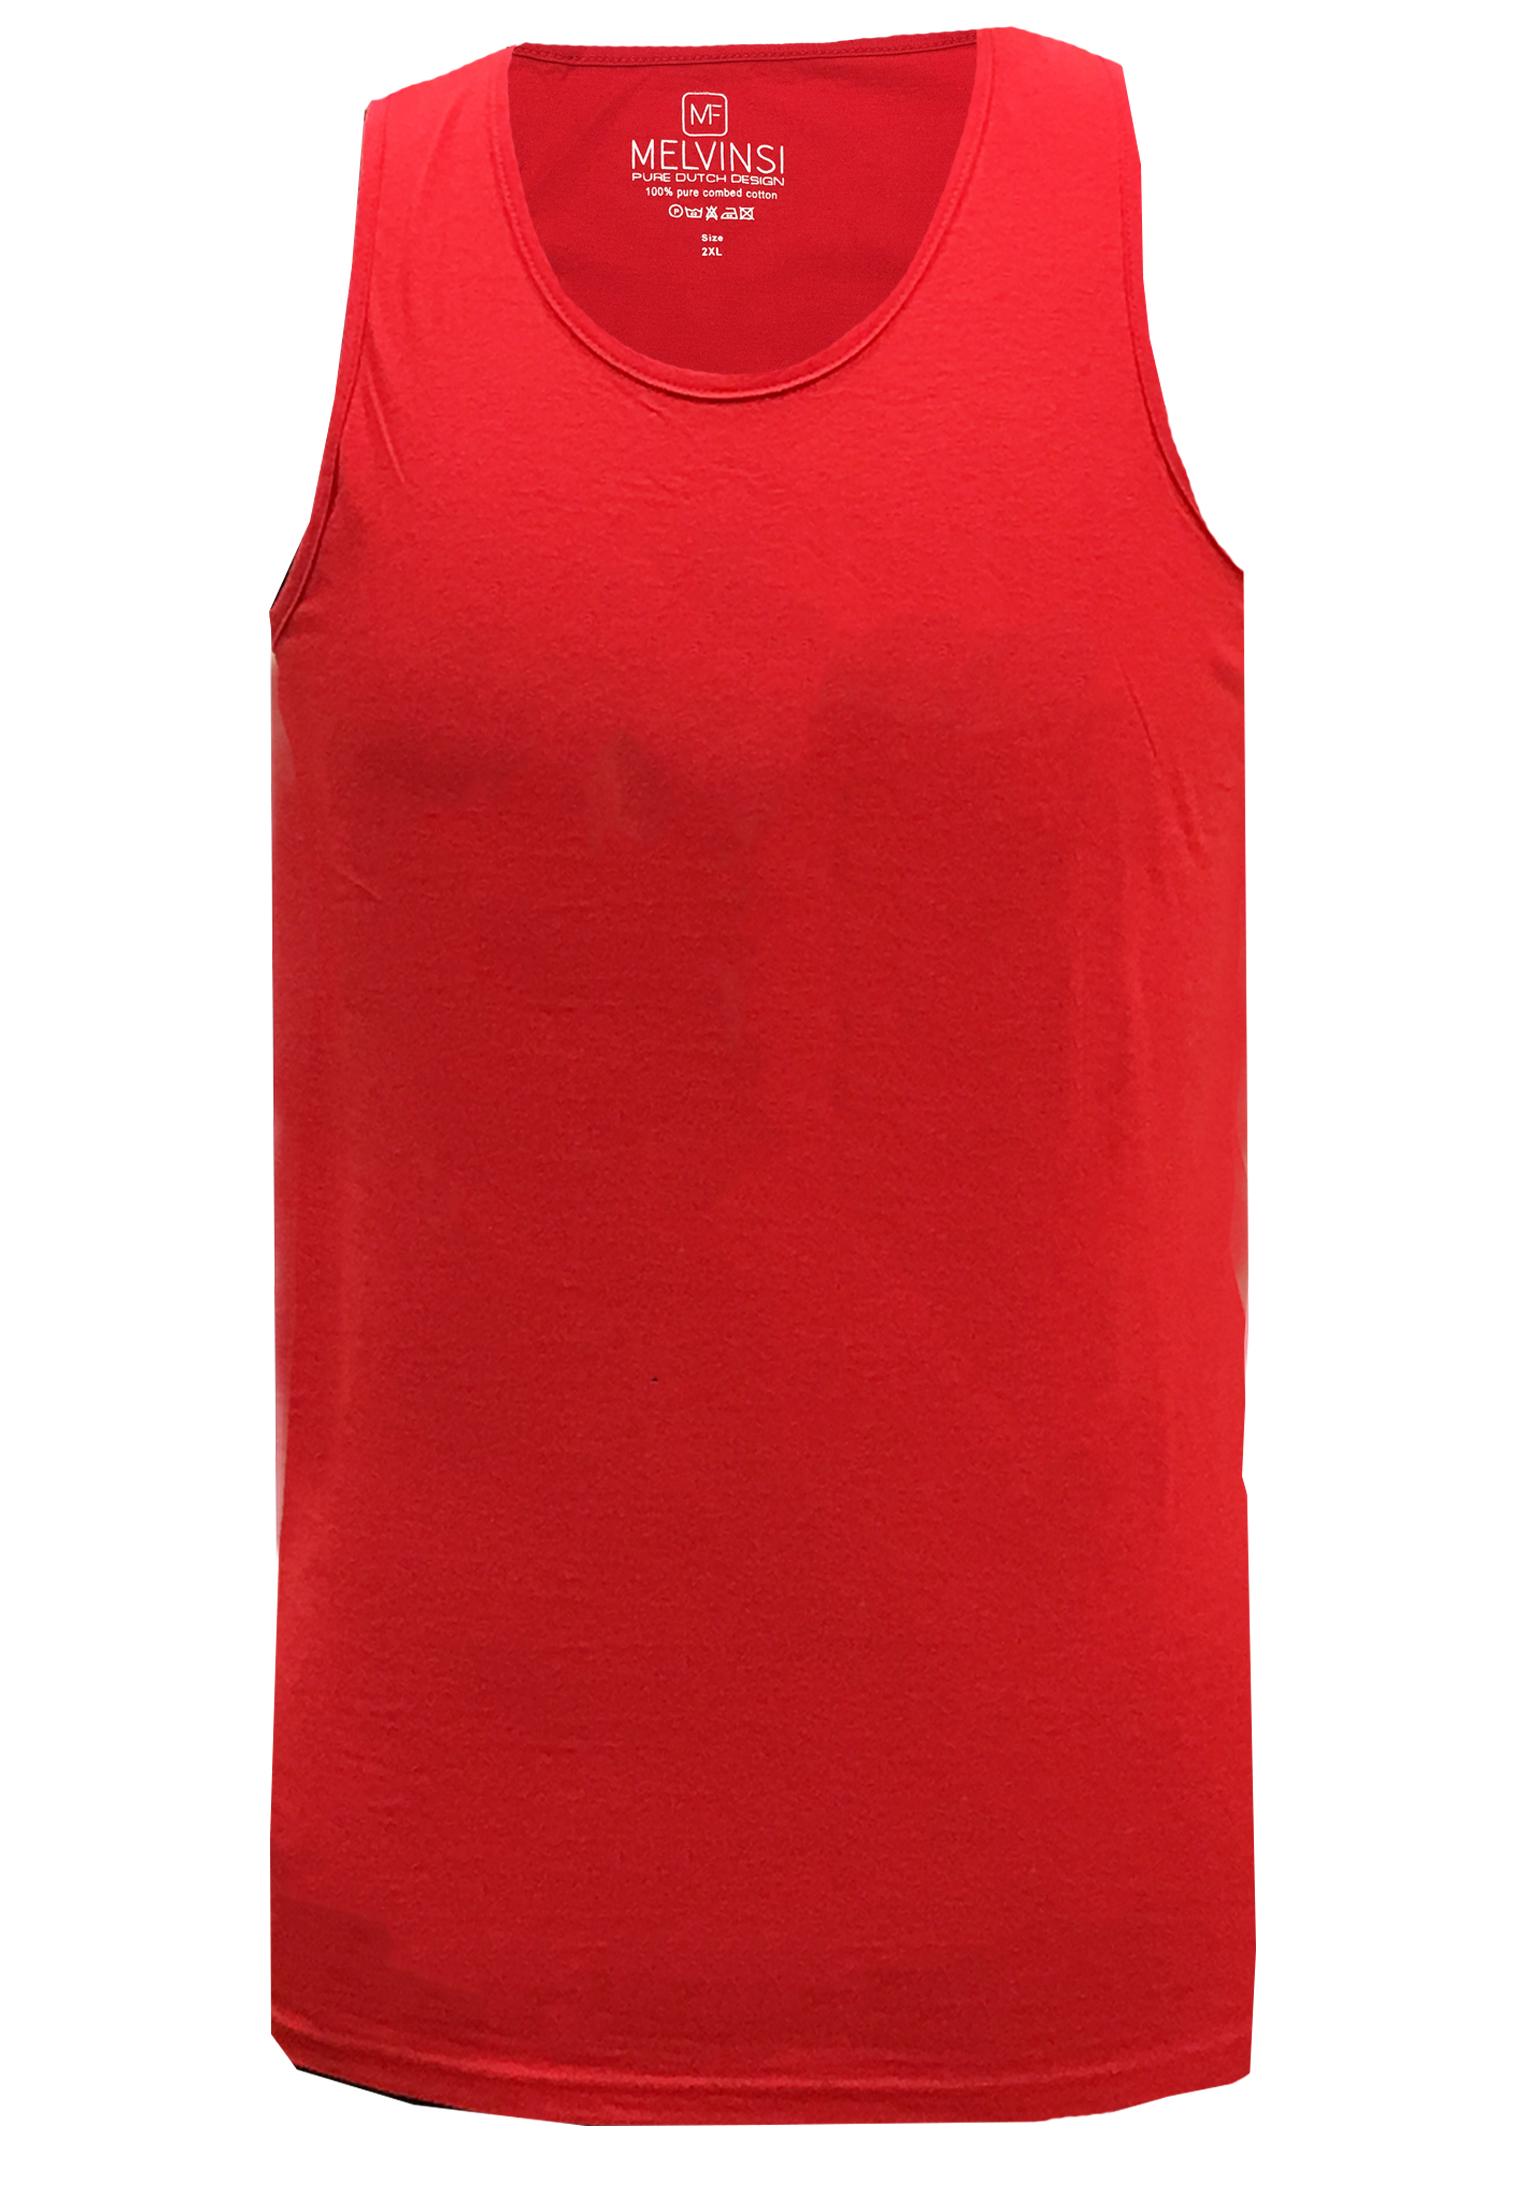 Basic effen tanktop van Melvinsi uitgevoerd in het rood met ronde hals. Zeer multifunctionele tanktop om te dragen, bijvoorbeeld onder overhemden, T-shirts en truien maar ook ideaal te dragen met de warme dagen, als loungewear of als pyjama shirt.